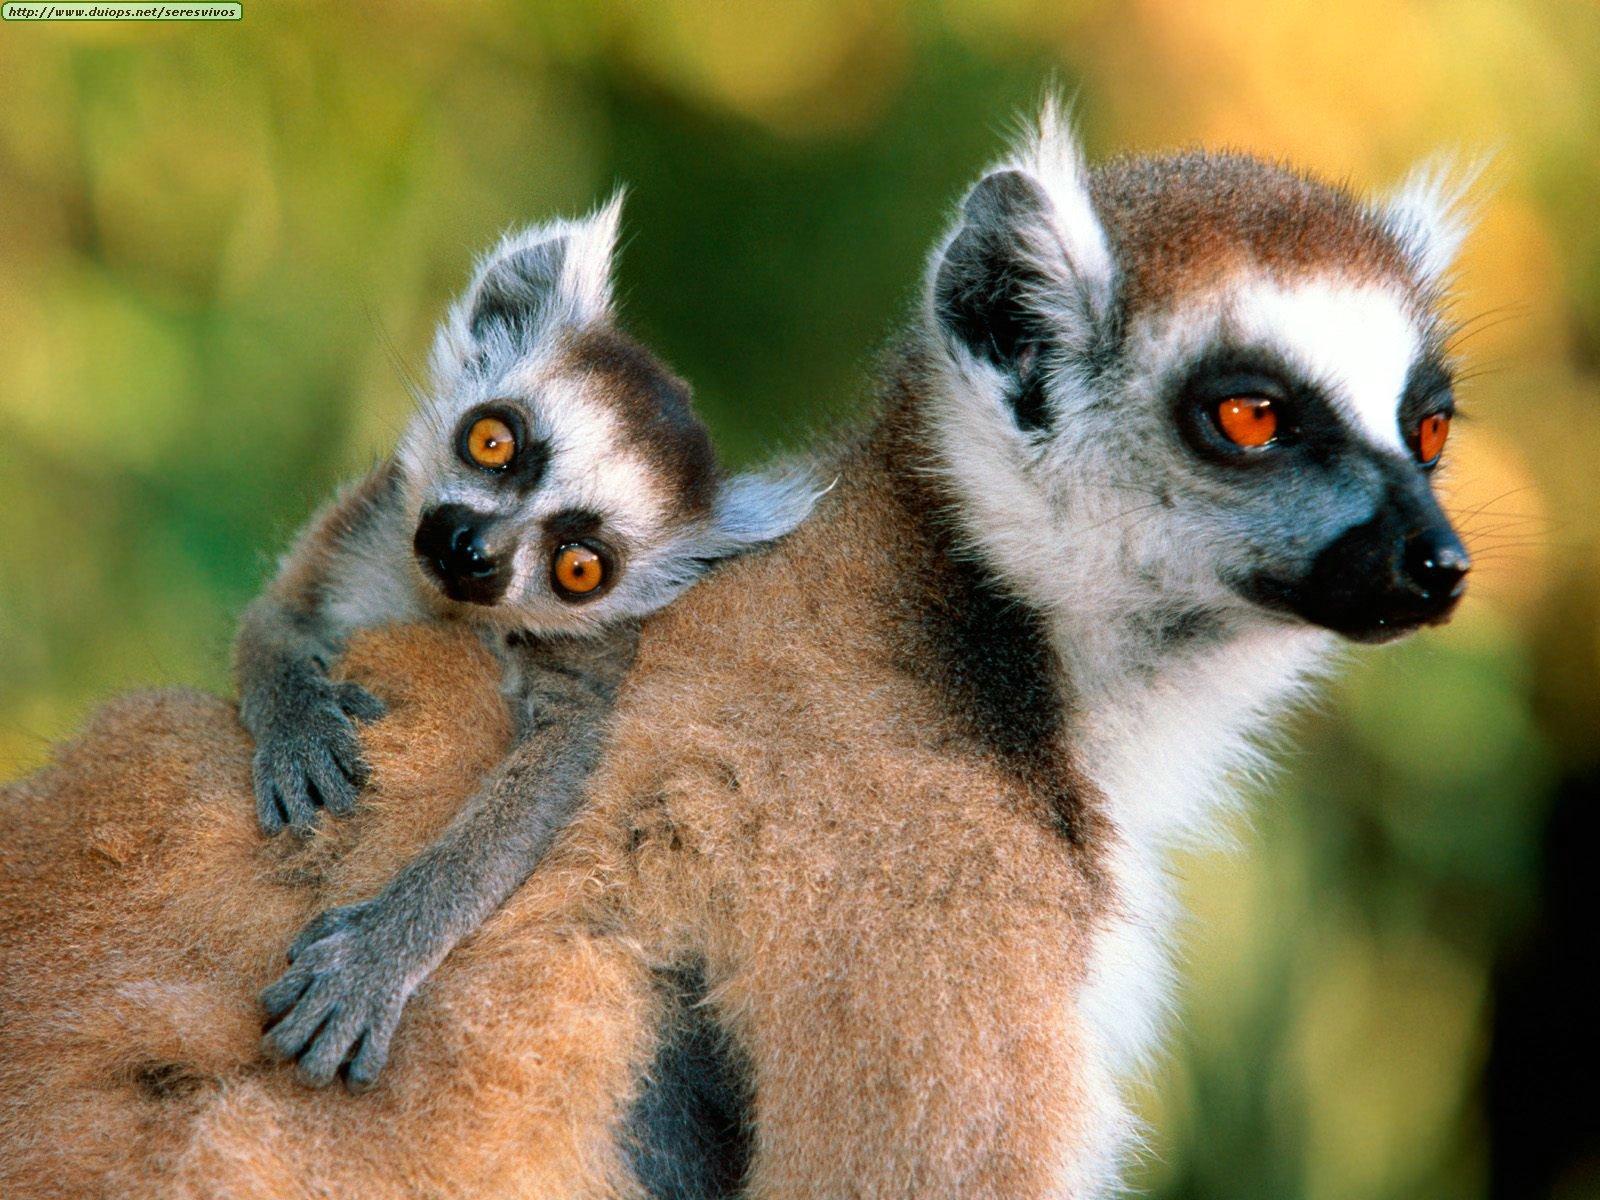 El juego de los animales Y LAS  FRUTAS - Página 4 Animals%20Families_Ring-tailed%20Lemurs